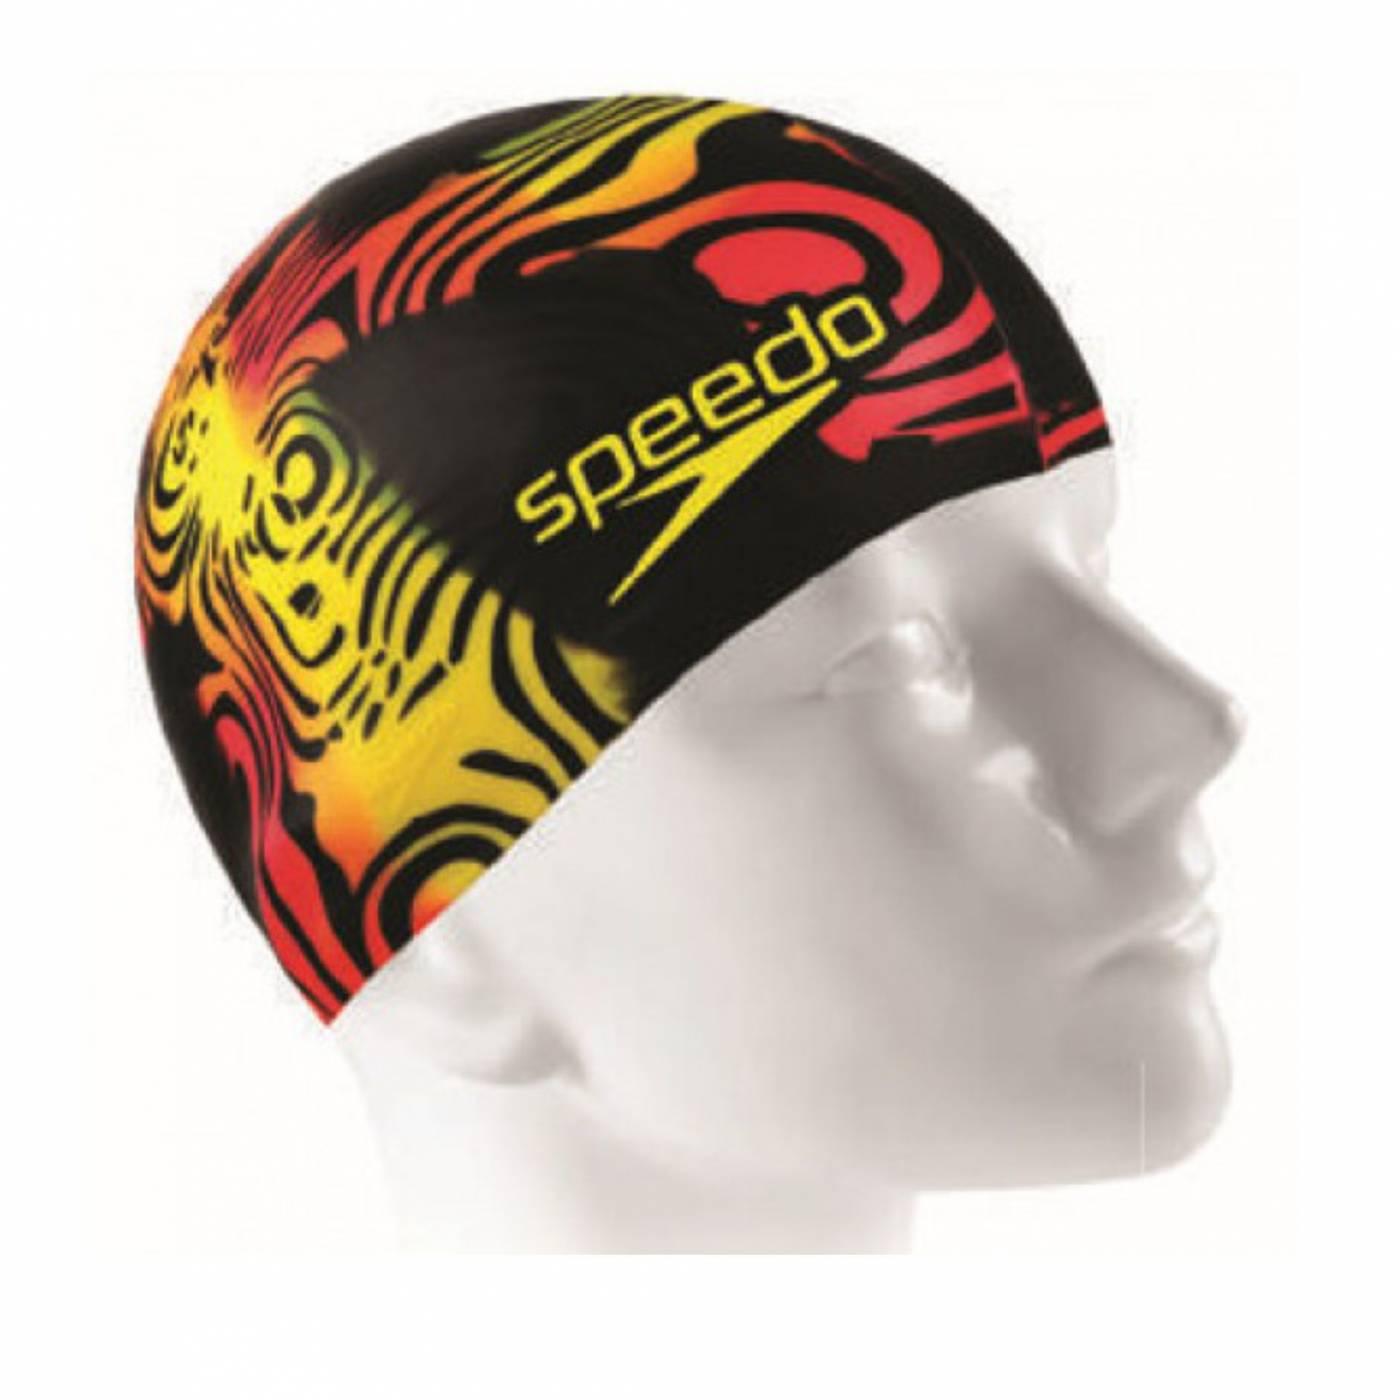 Touca de natação Flat Cap Special Edition Speedo - Tribal